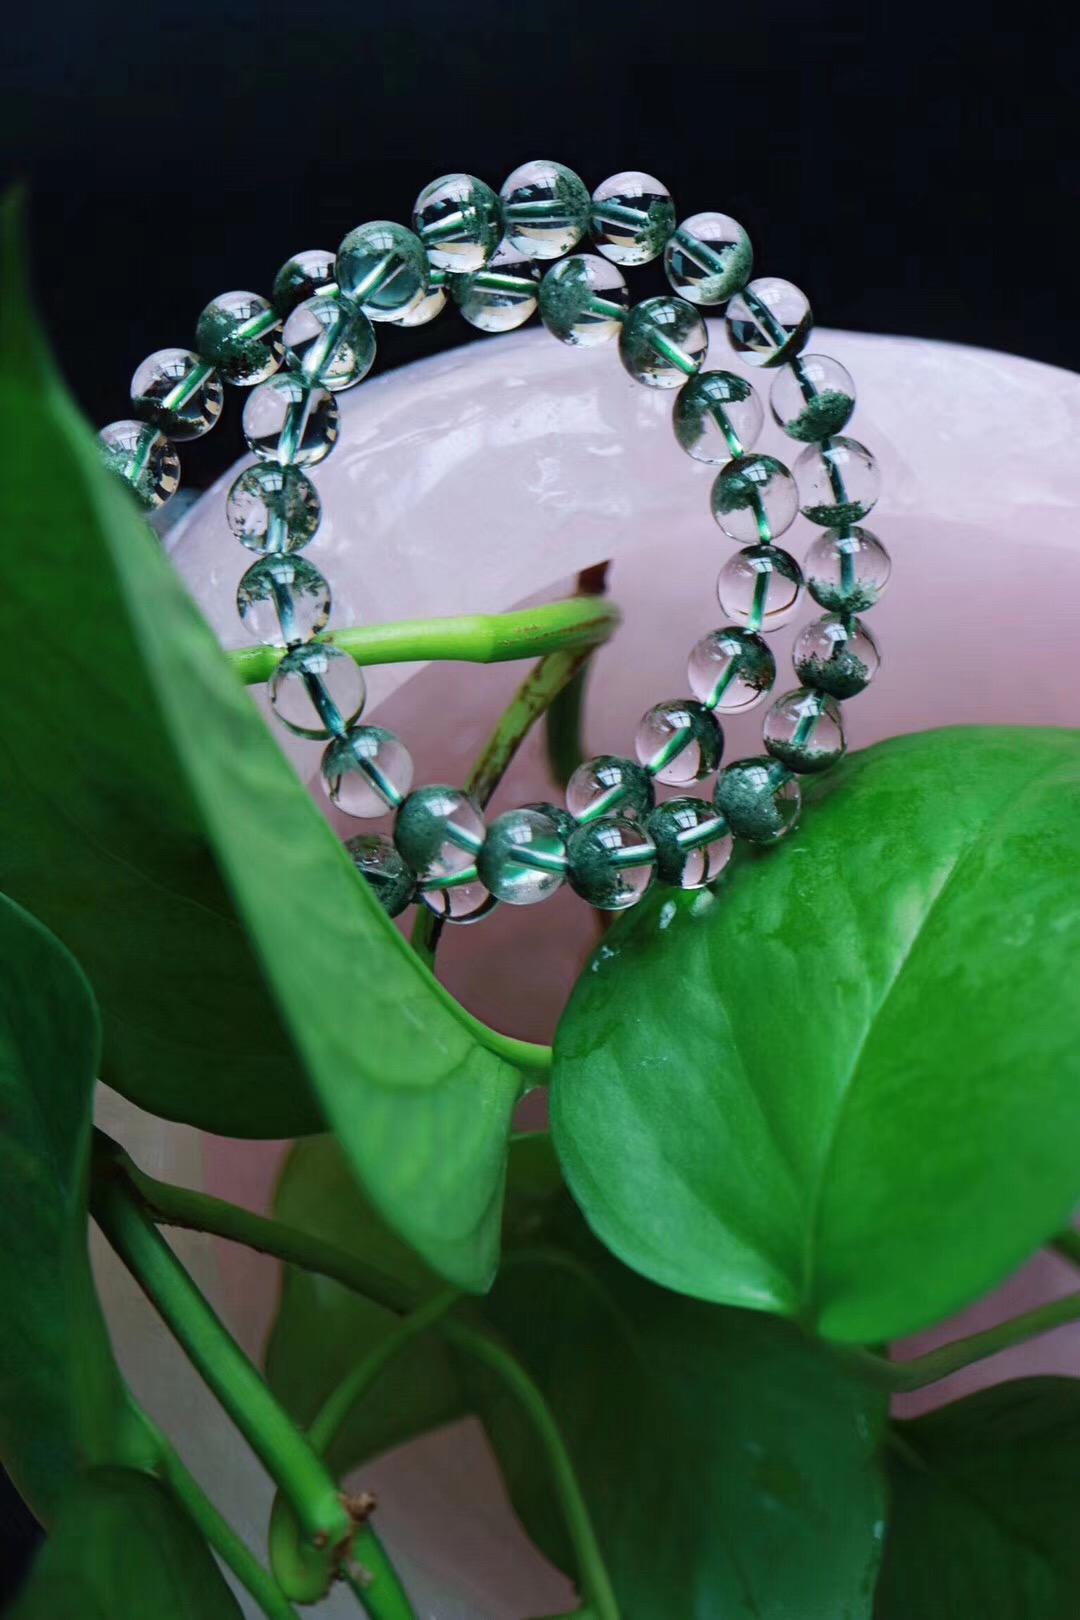 【菩心   绿幽灵聚宝盆】绿幽灵中的聚宝盆也是招财助事业效果最佳滴存在~~-菩心晶舍